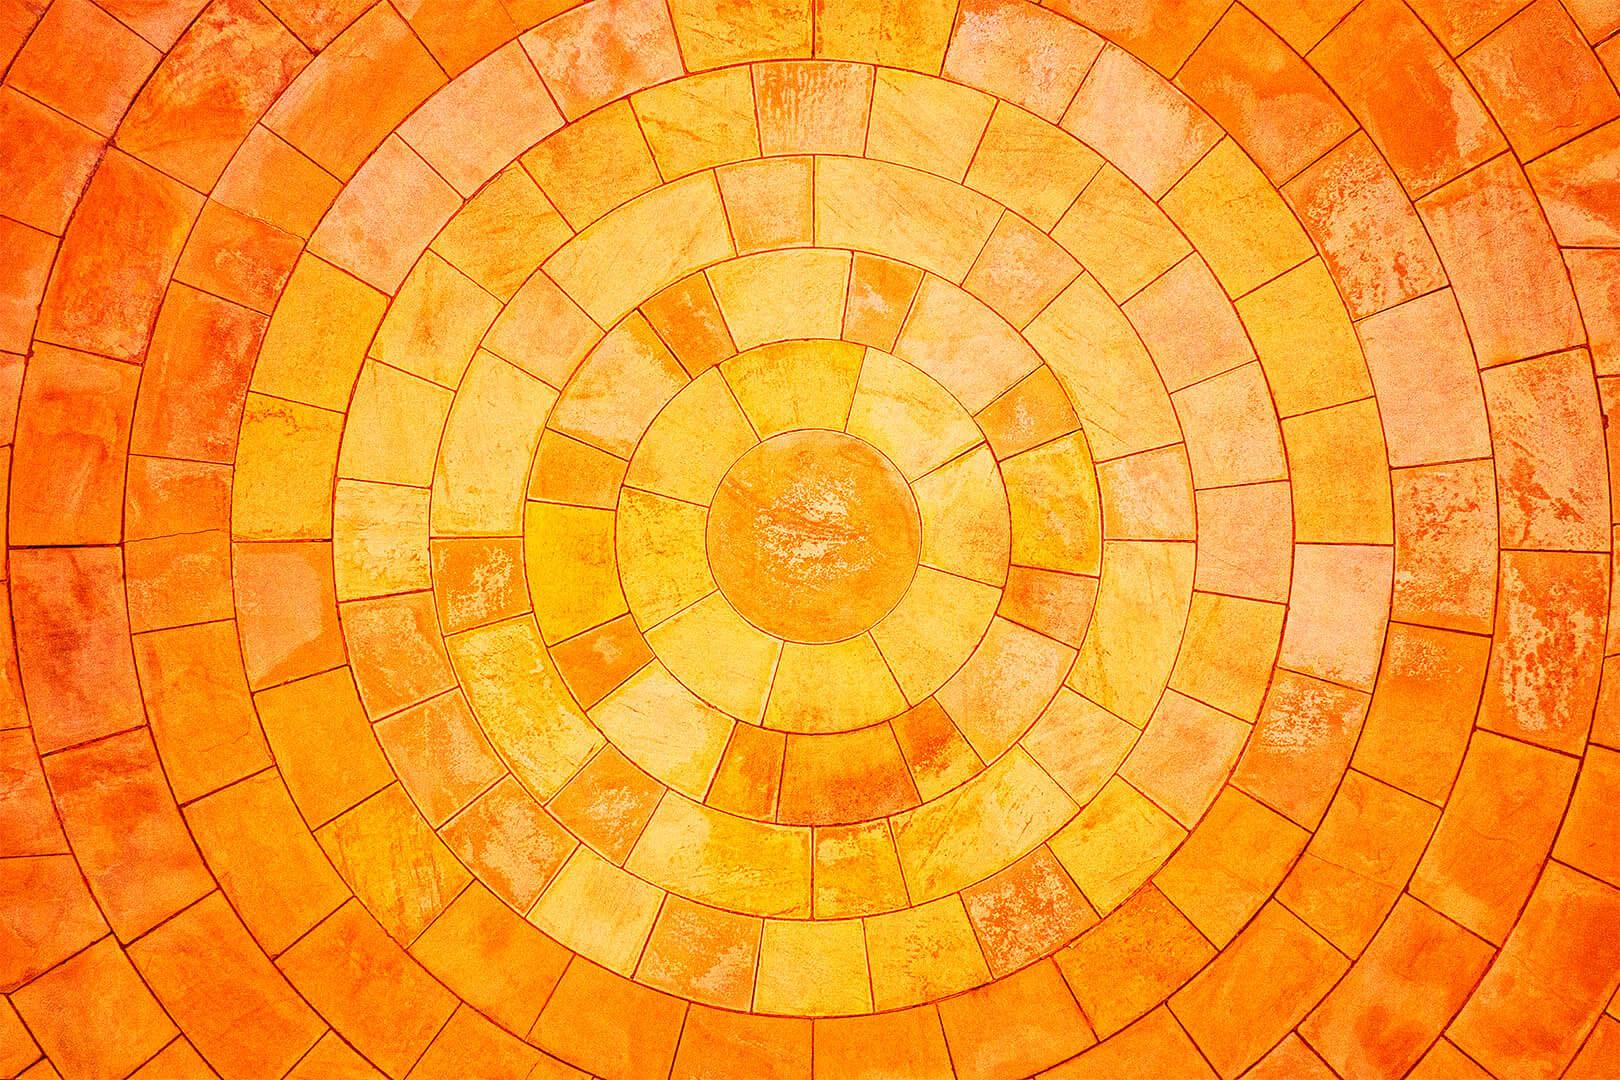 Tiled Circles